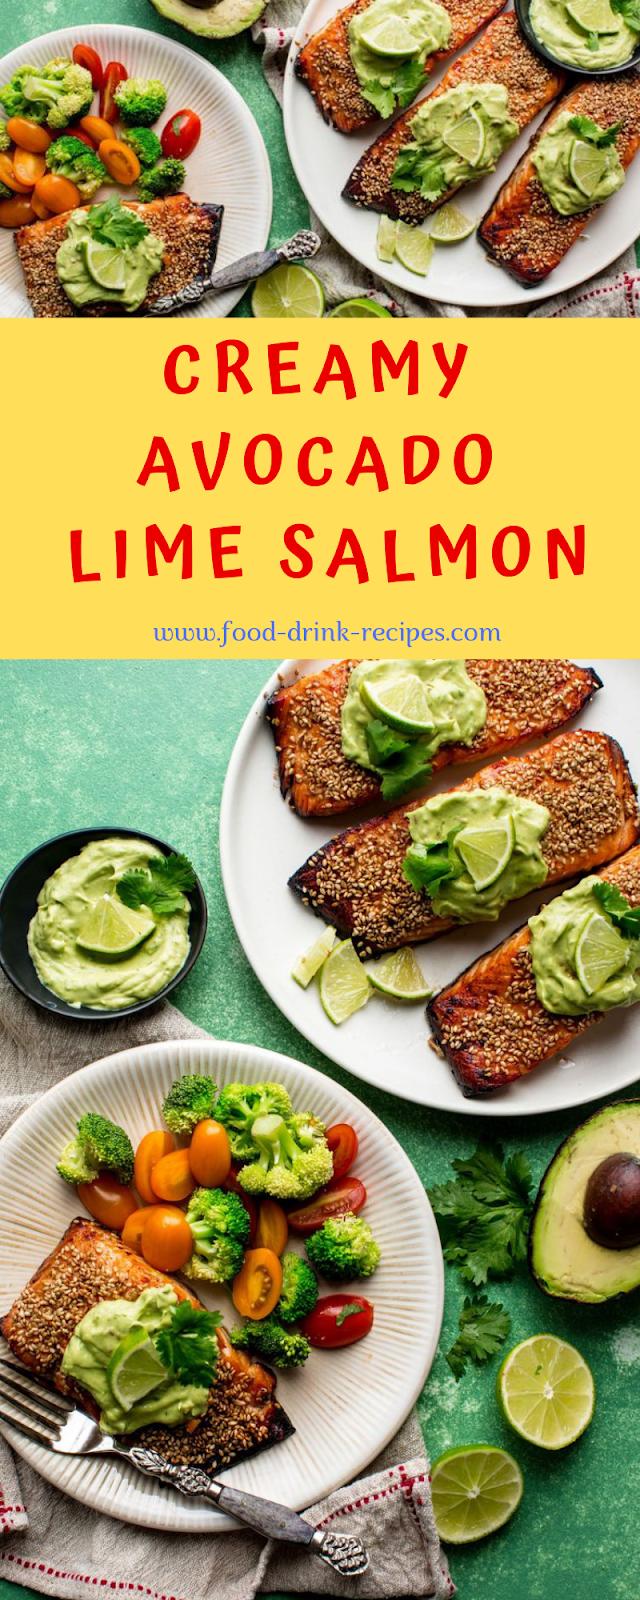 Creamy Avocado Lime Salmon